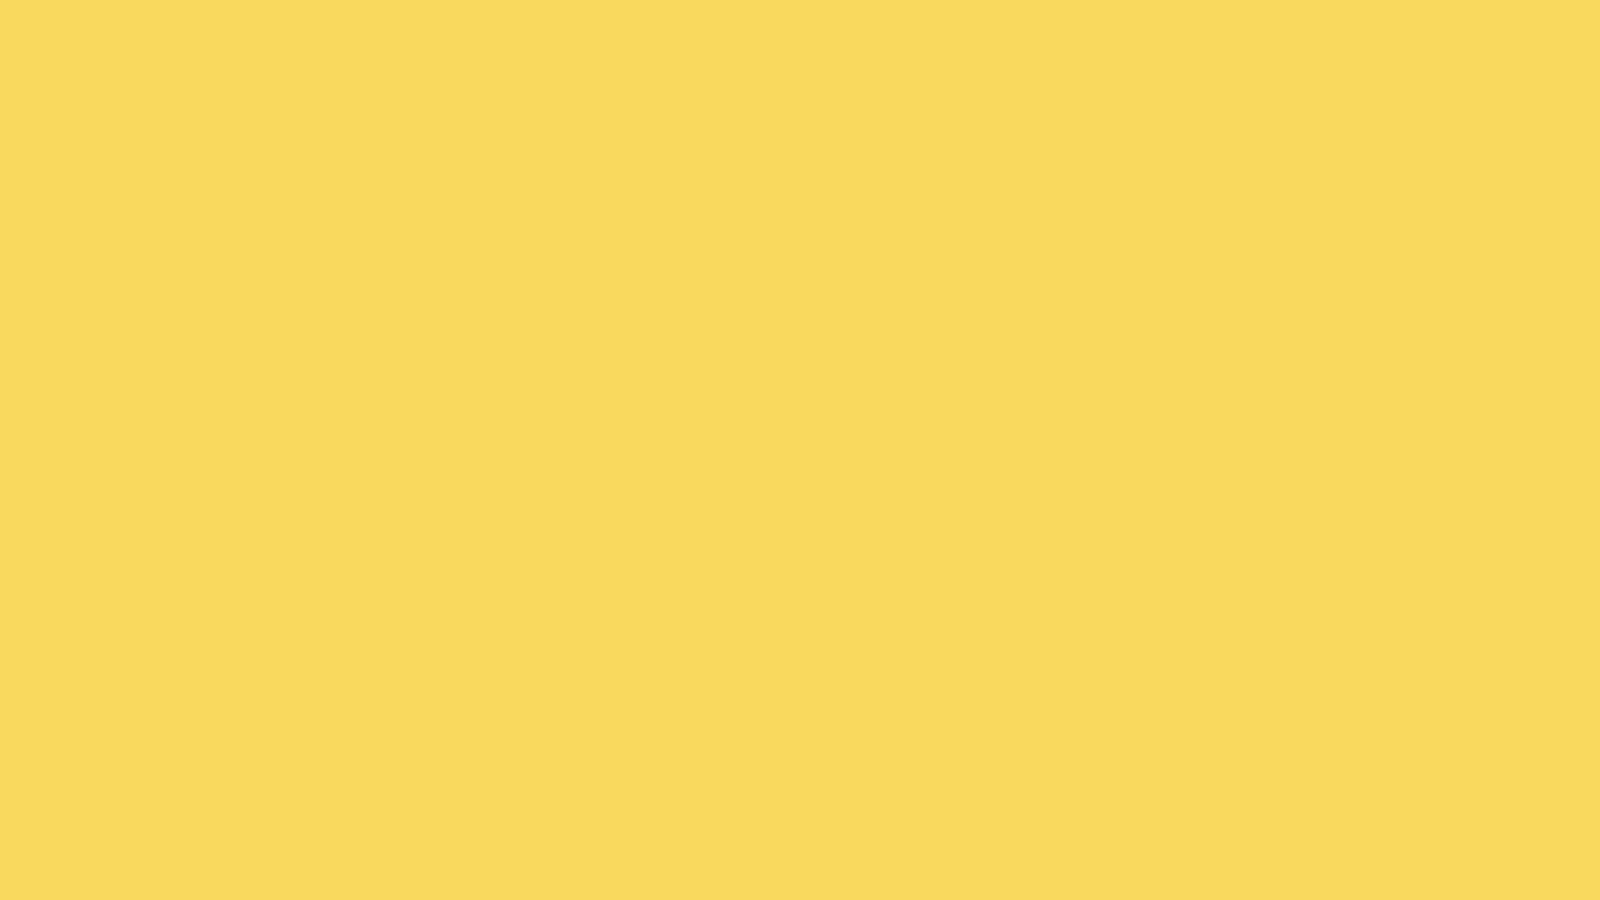 1600x900 Stil De Grain Yellow Solid Color Background